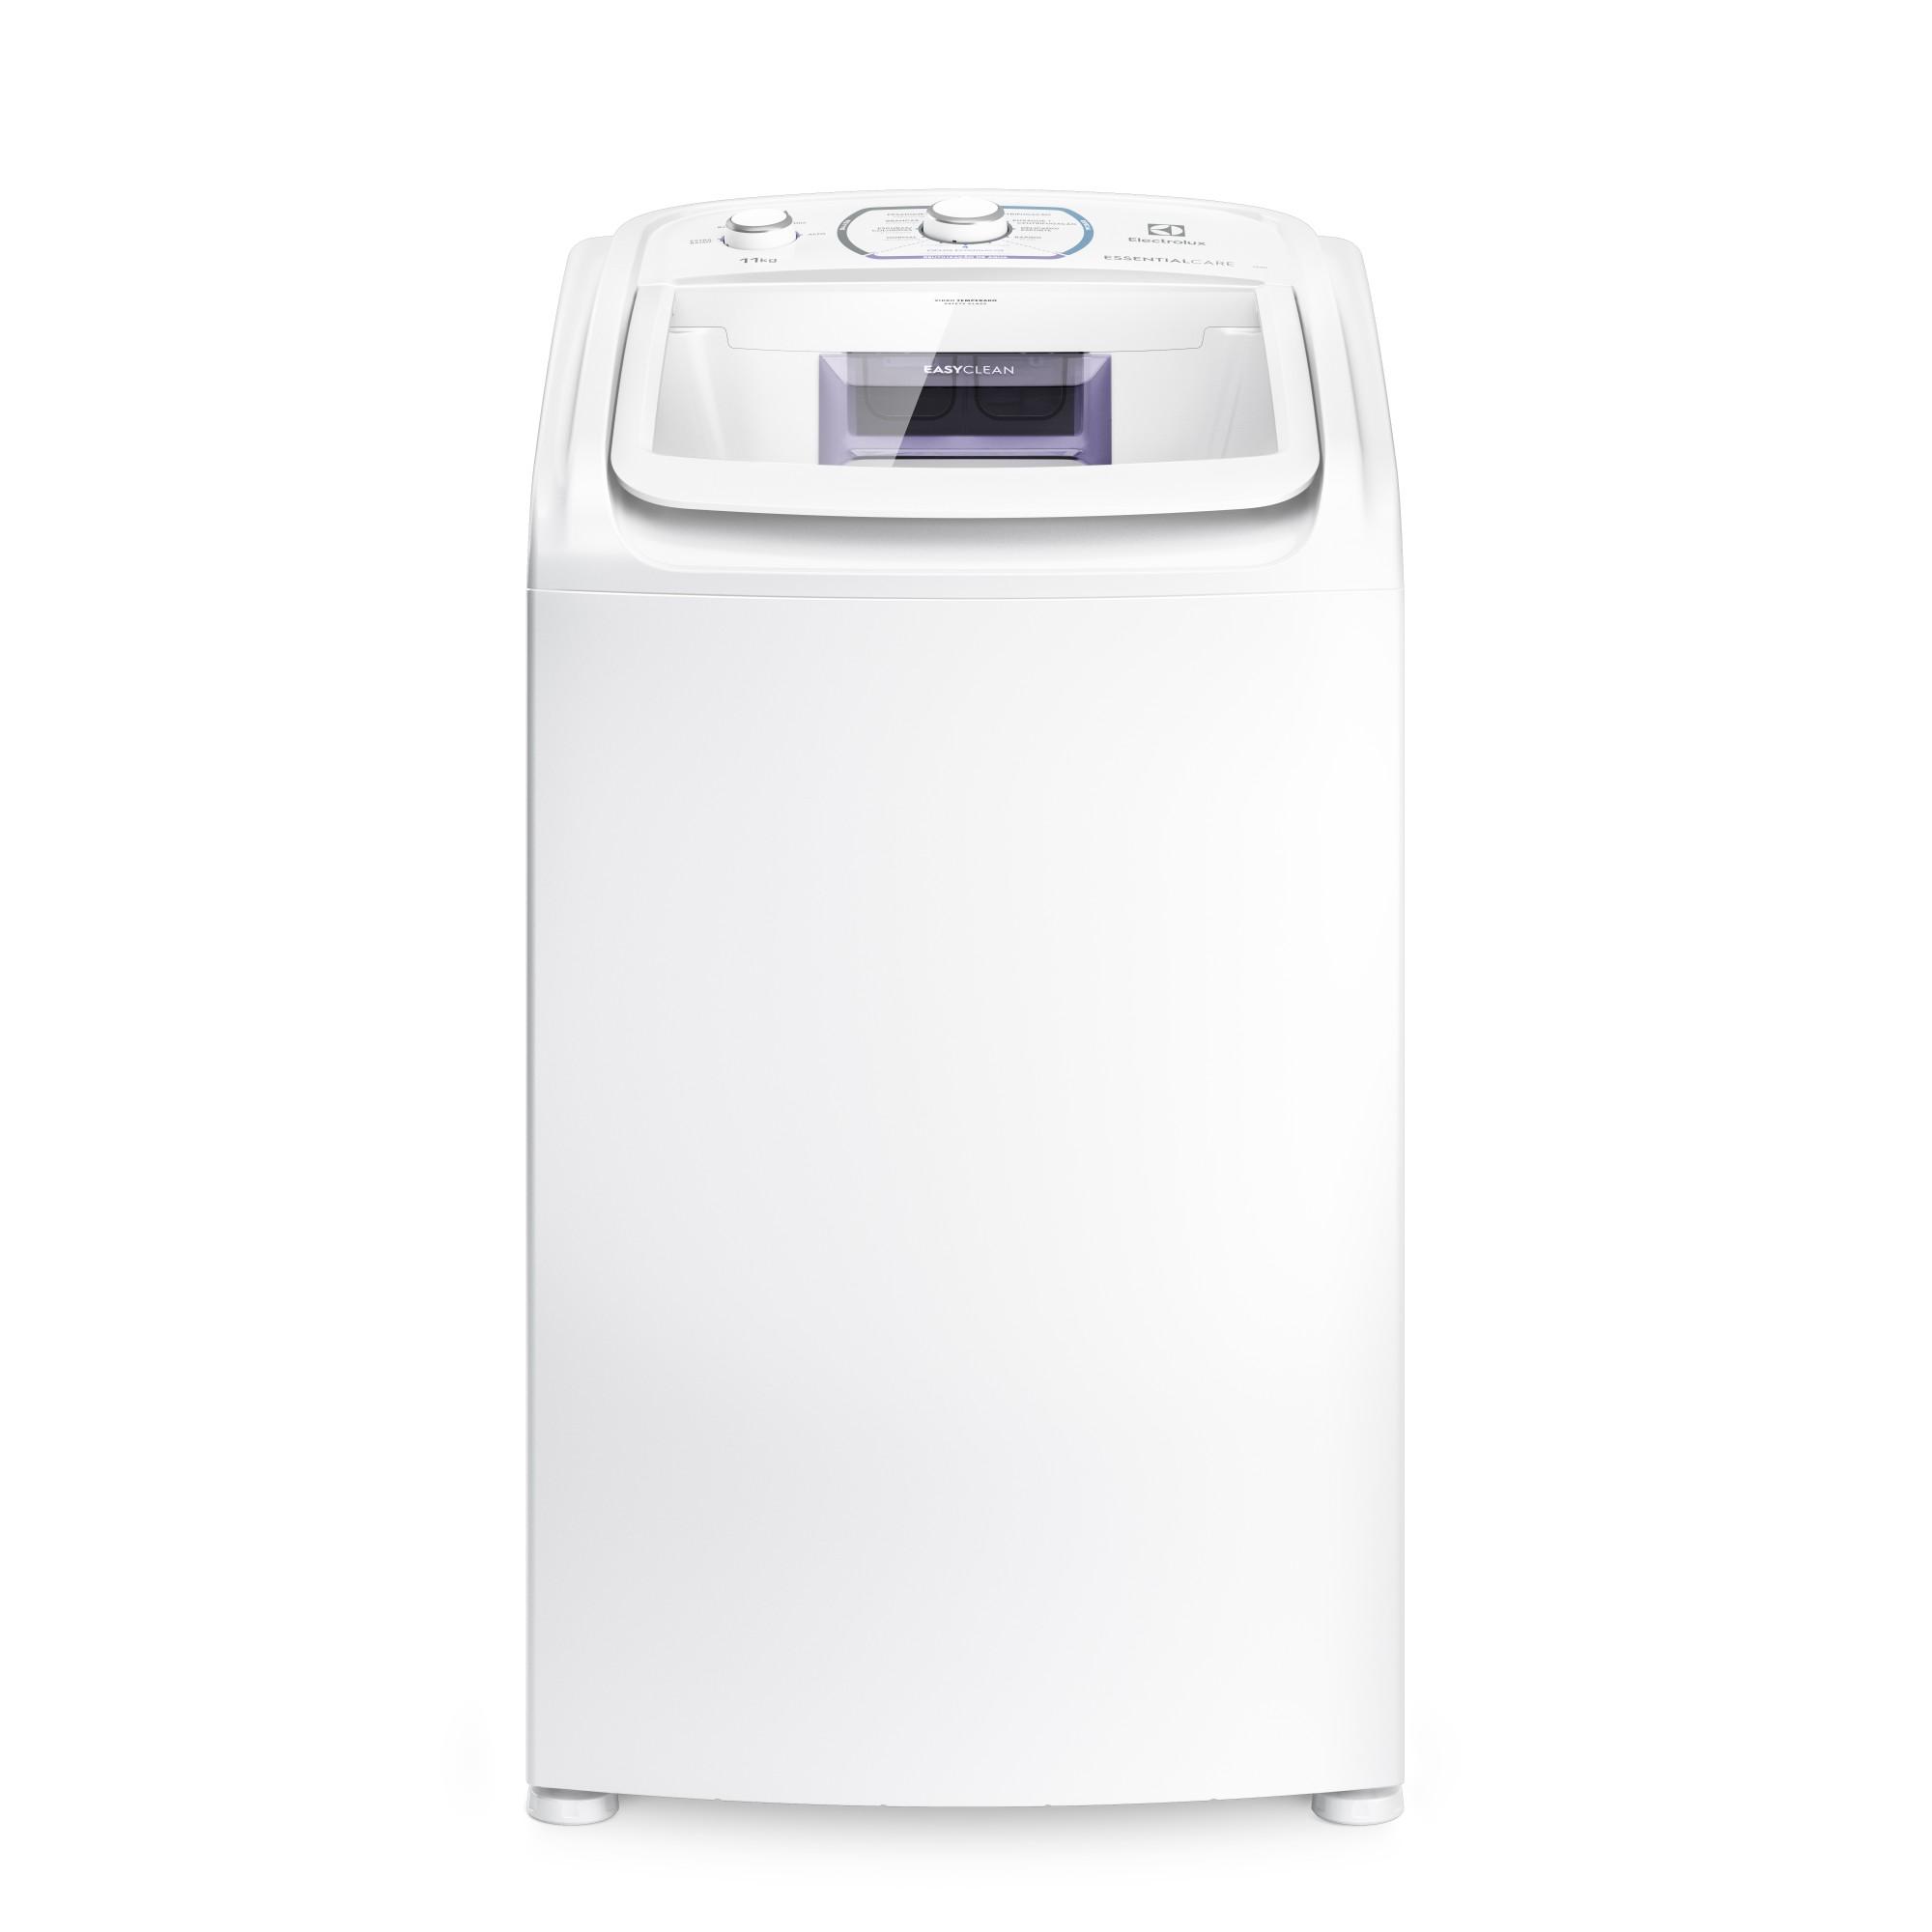 Lavadora de Roupa Electrolux 11Kg 127V LES11 - Branca